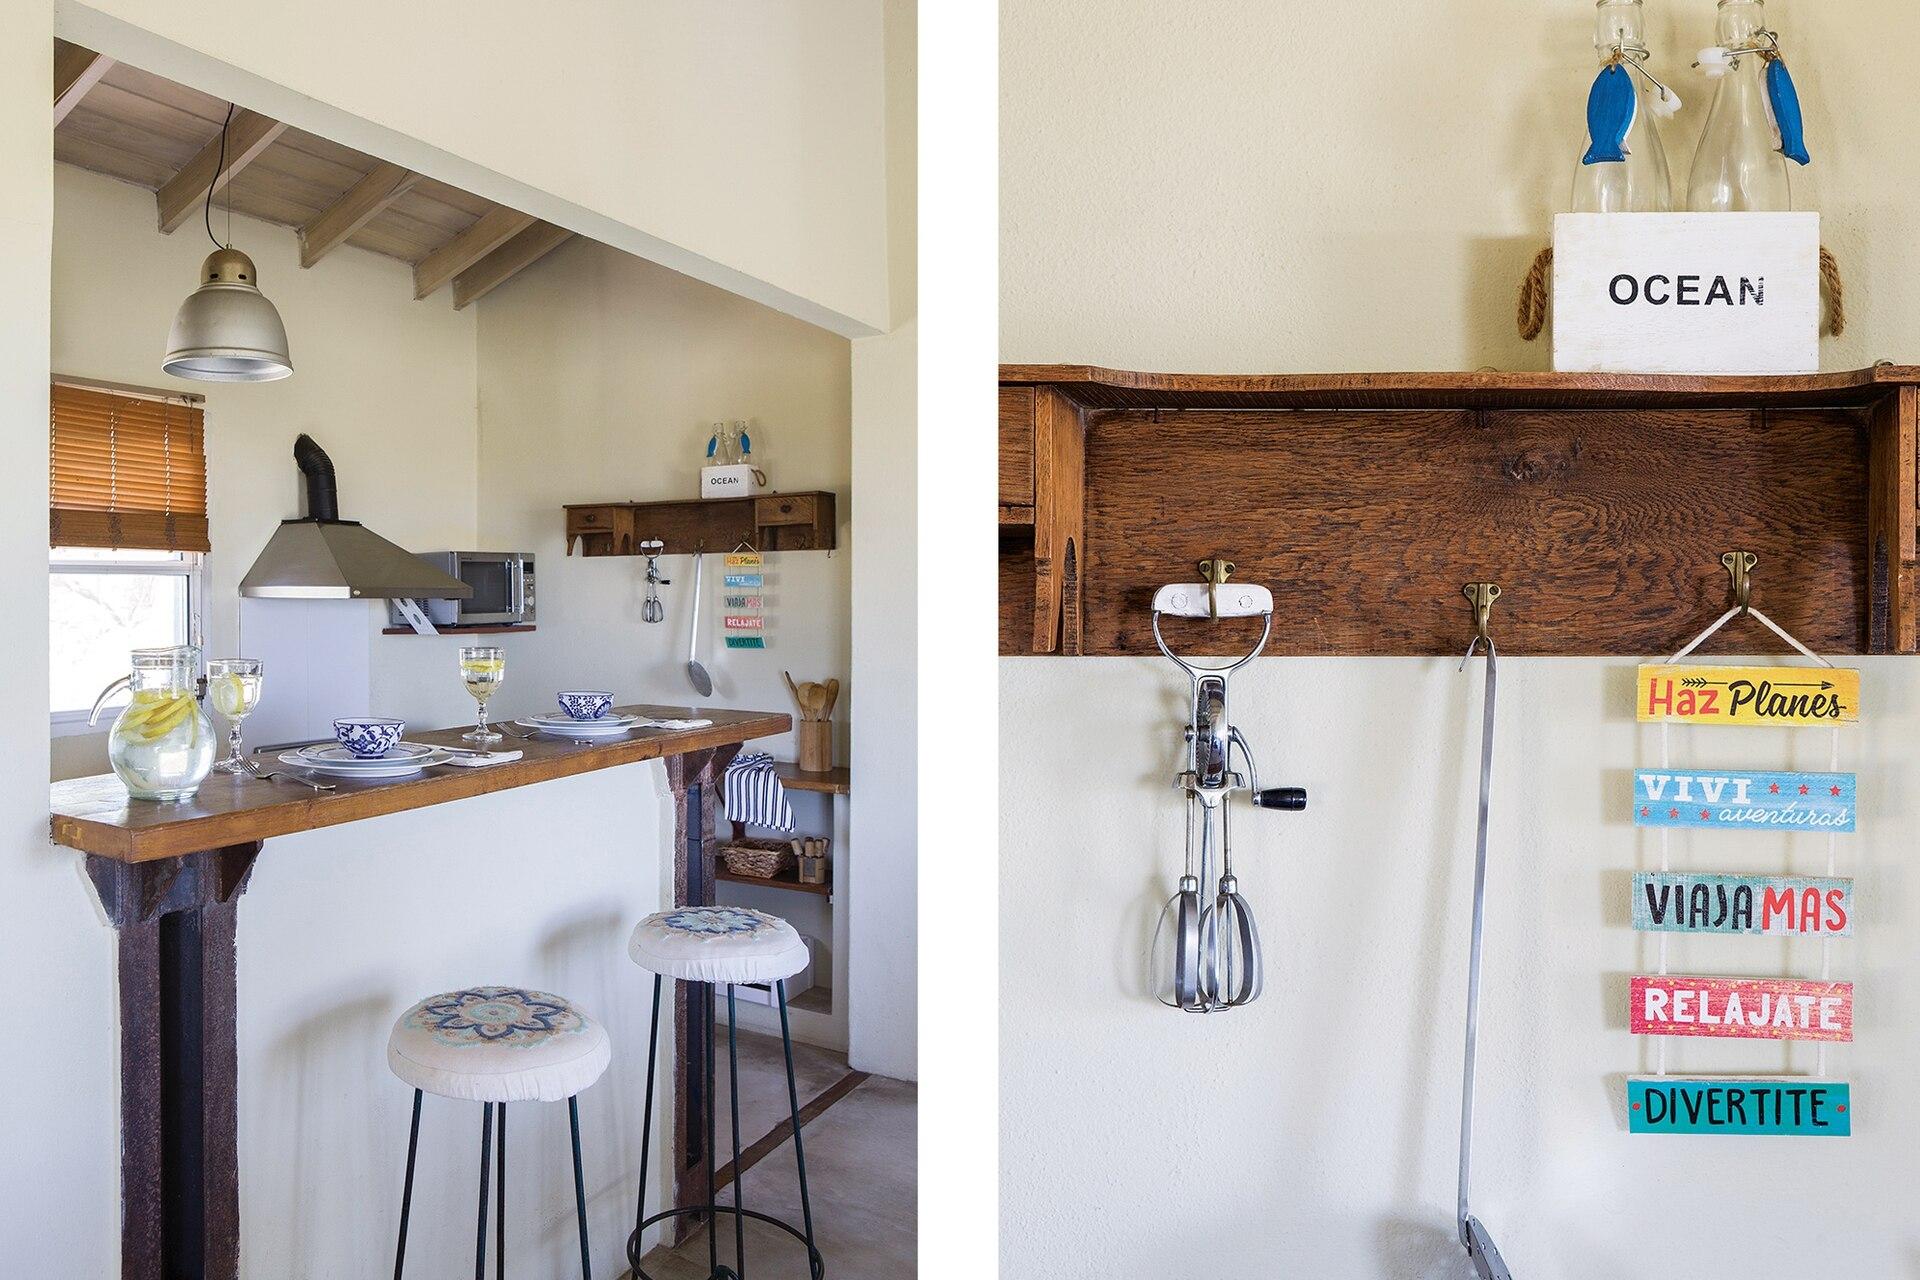 Lámpara (Huup Iluminación). Servilletas de algodón (Claudia Adorno). Estantes de madera hechos por Matías.